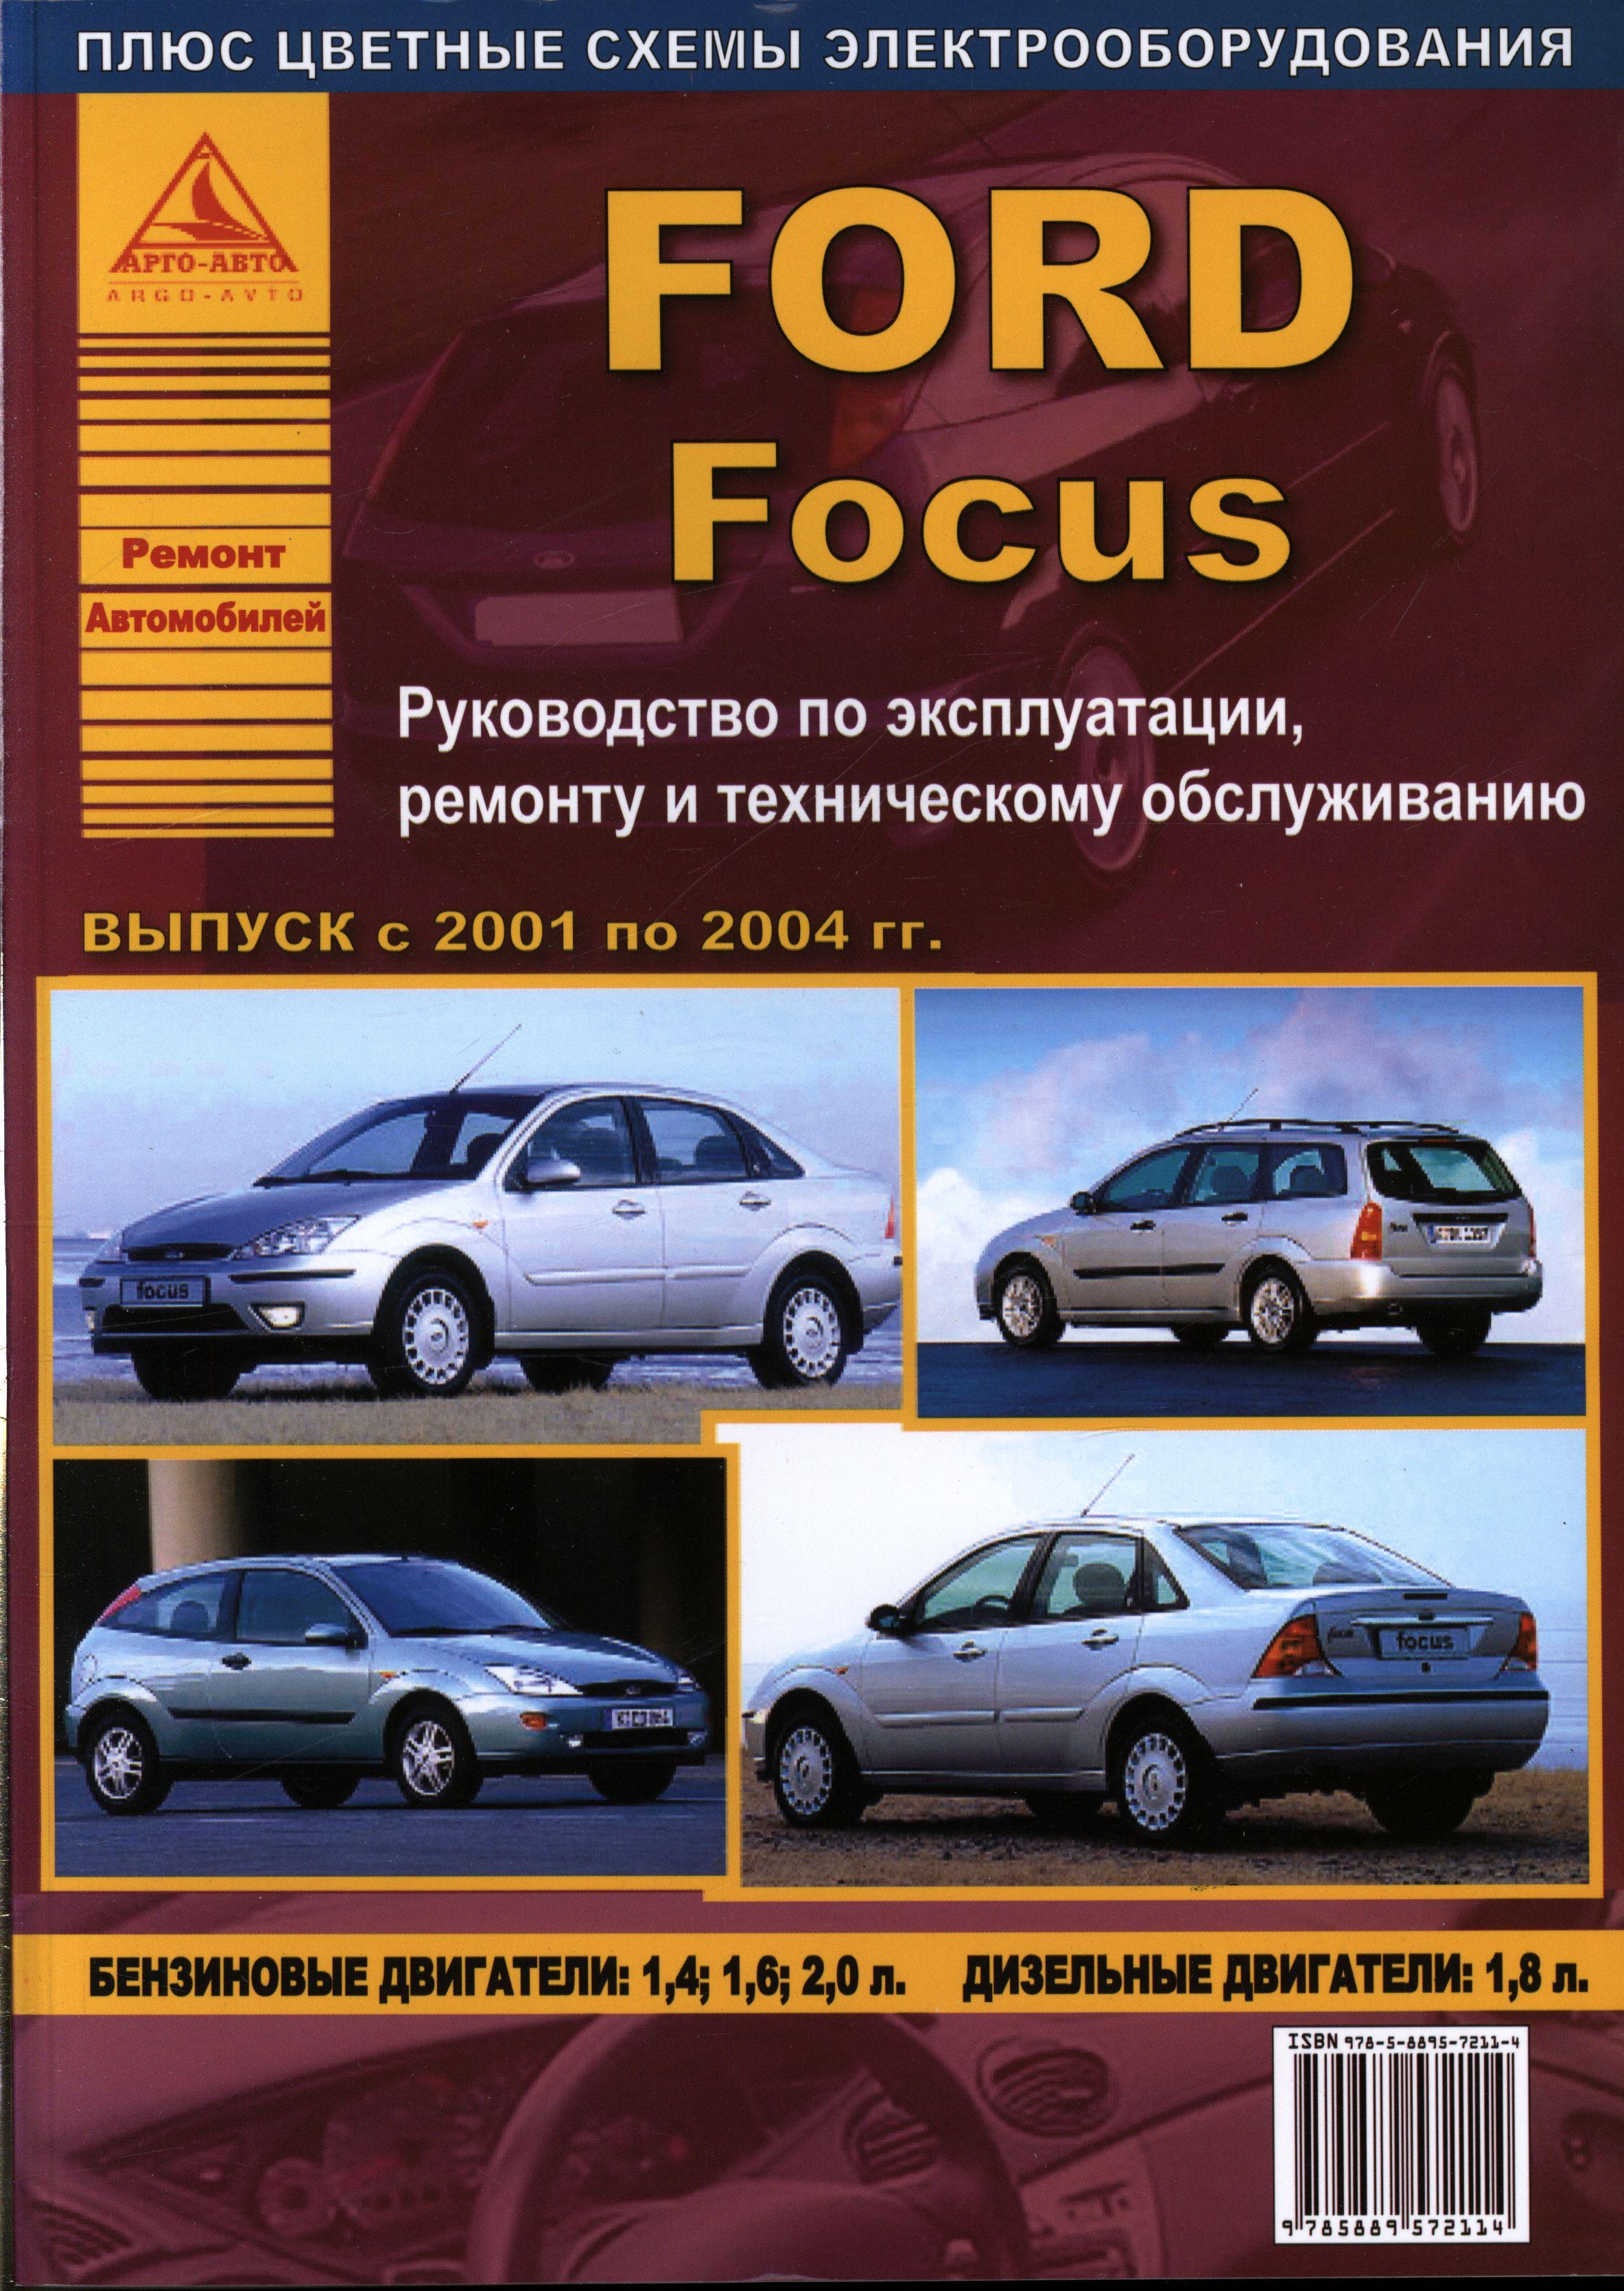 FORD FOCUS 2001-2004 бензин / дизель Книга по ремонту и эксплуатации